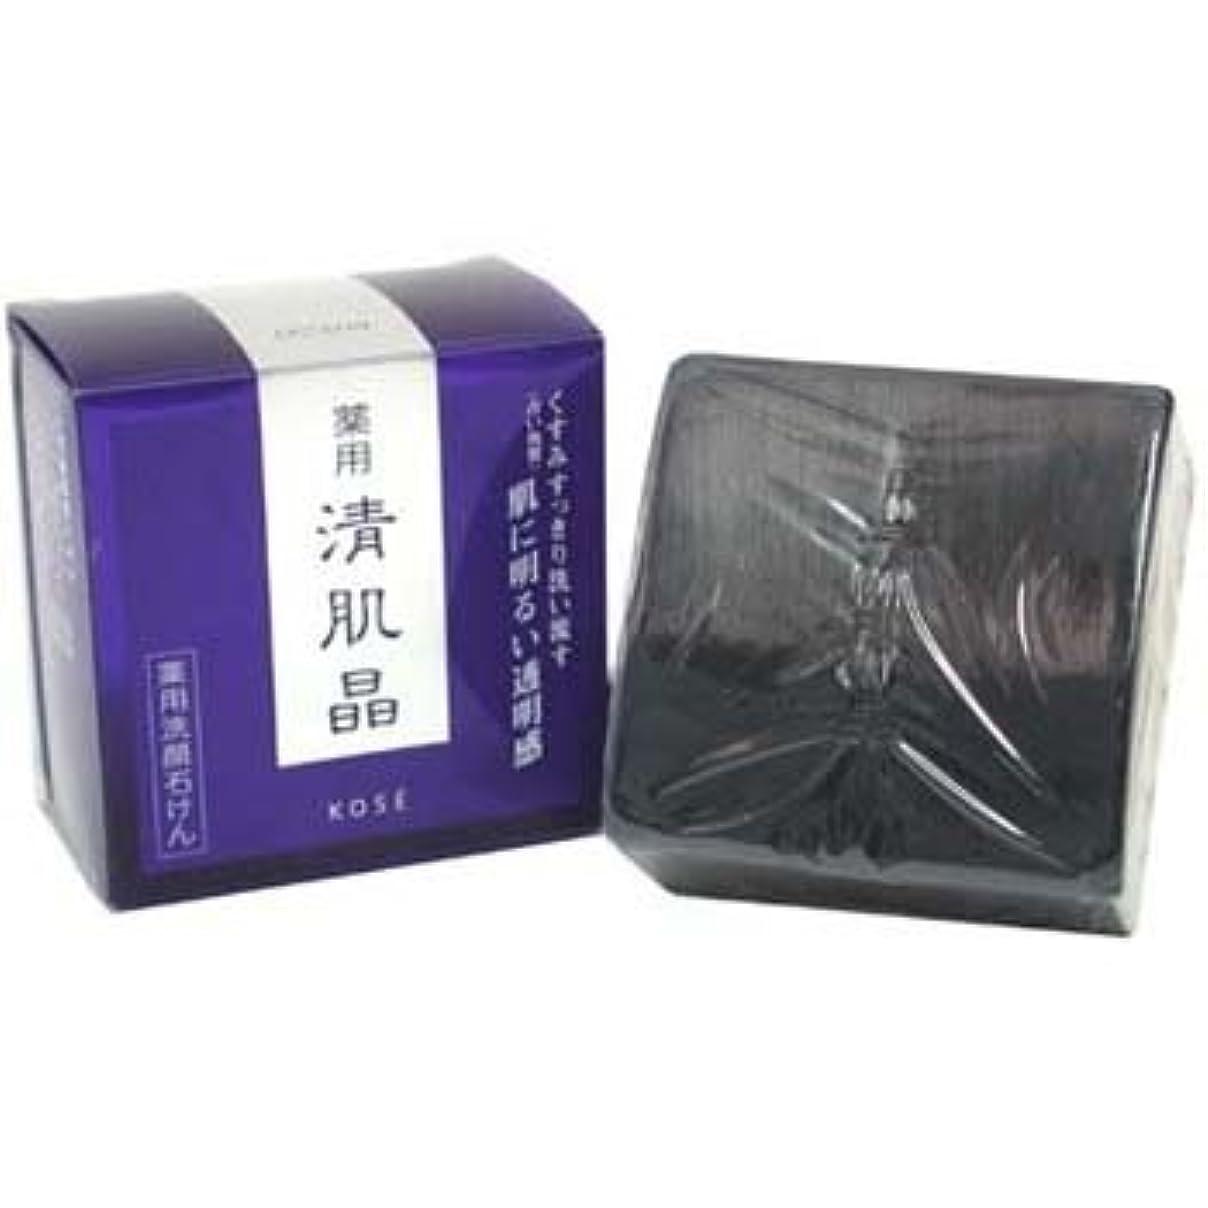 ケニア残酷な提供コーセー 薬用清肌晶 ソープ(リフィル) 120g [並行輸入品][海外直送品]